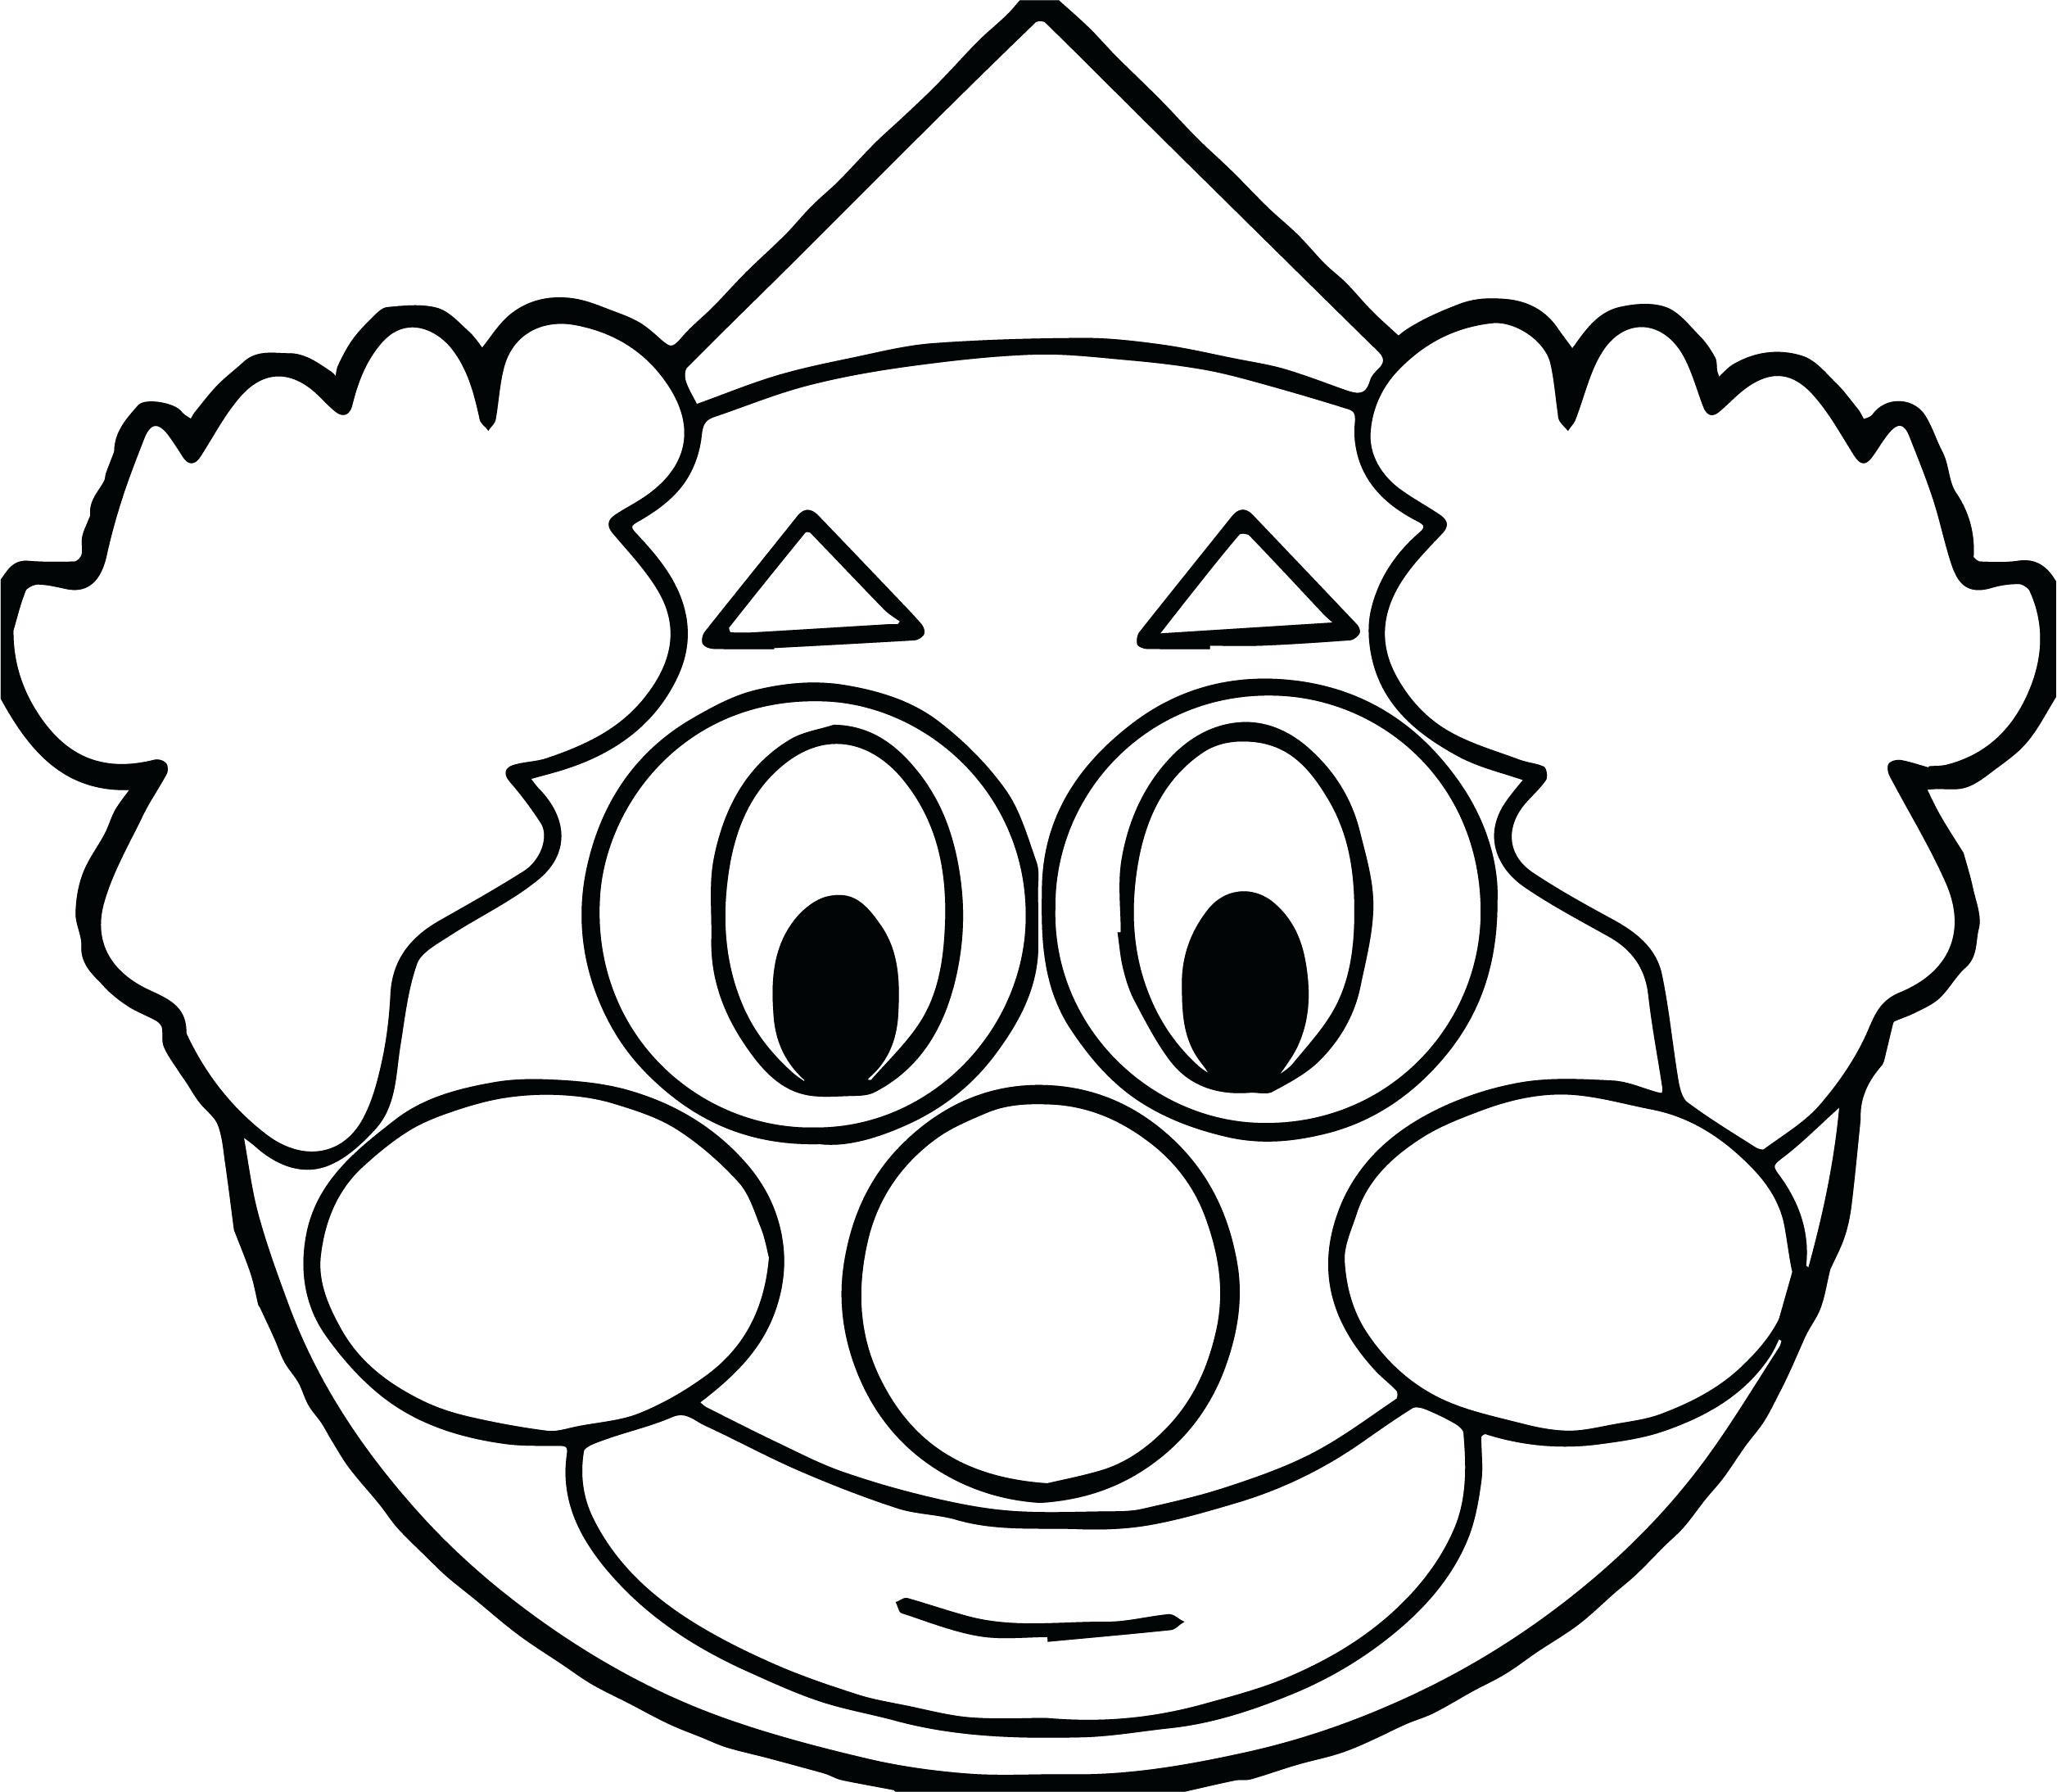 2512x2188 alert famous clown face coloring